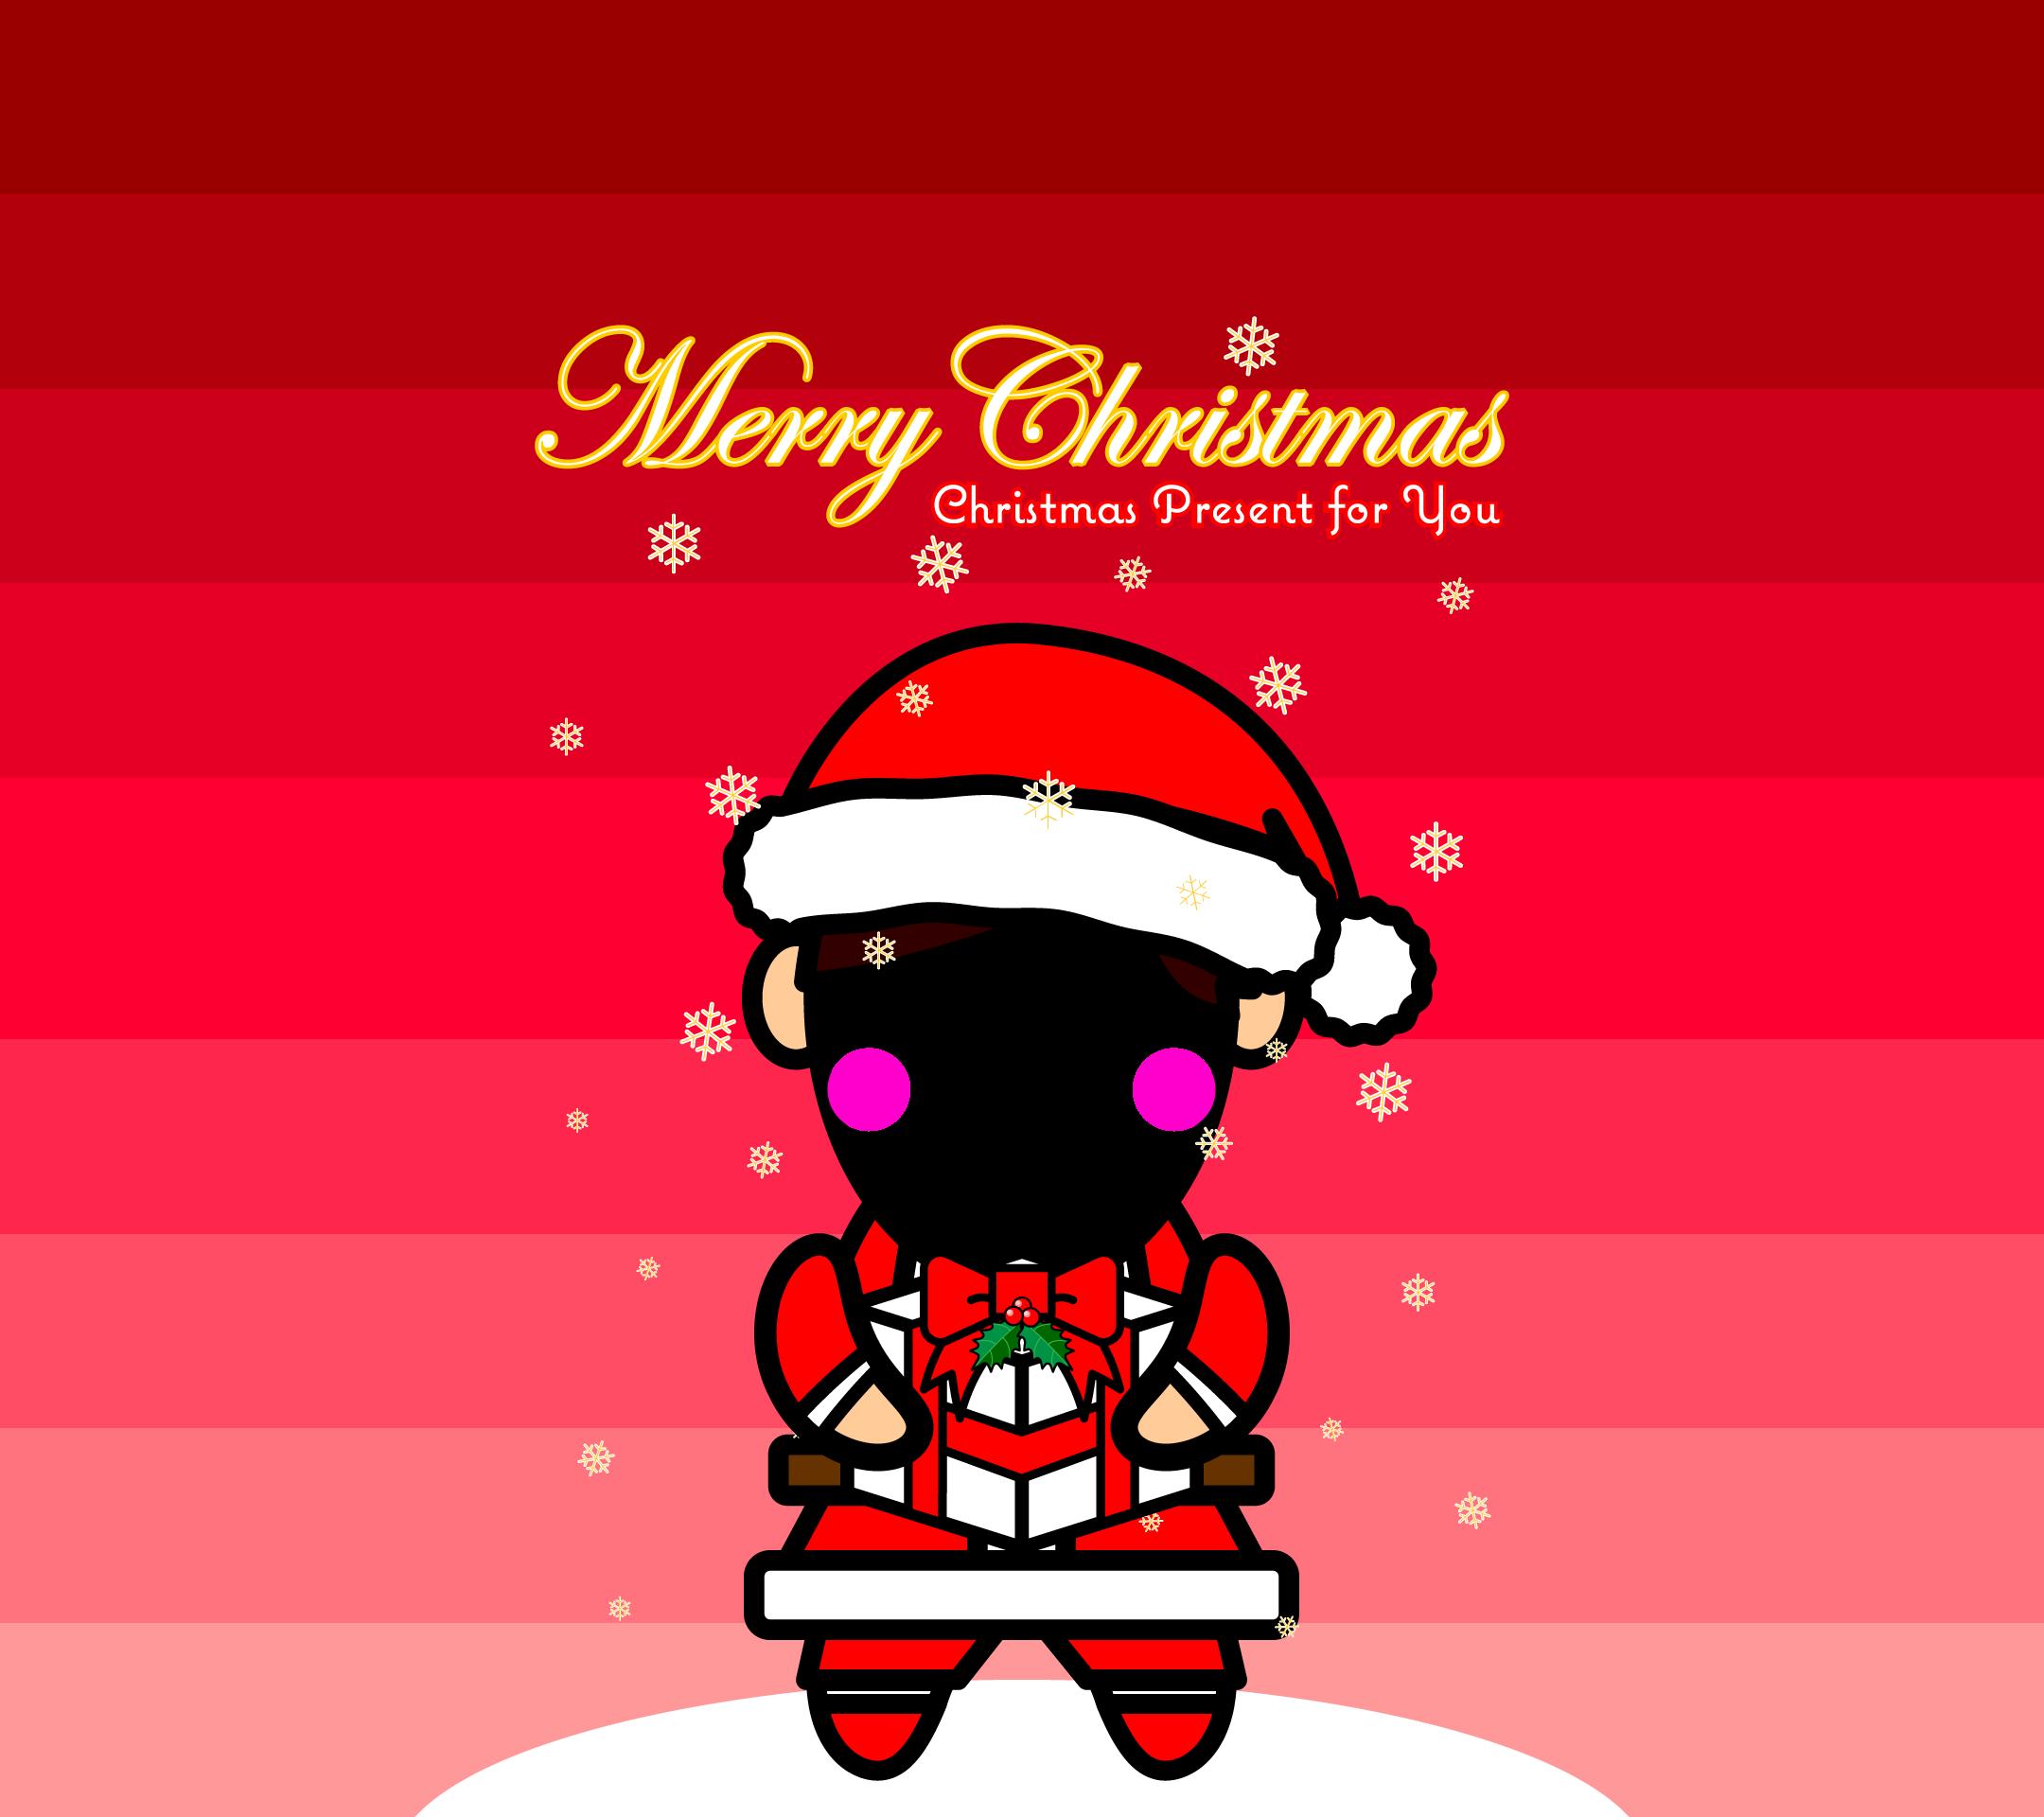 かわいいサンタ男子の合成壁紙(Android)の無料イラスト・商用フリー